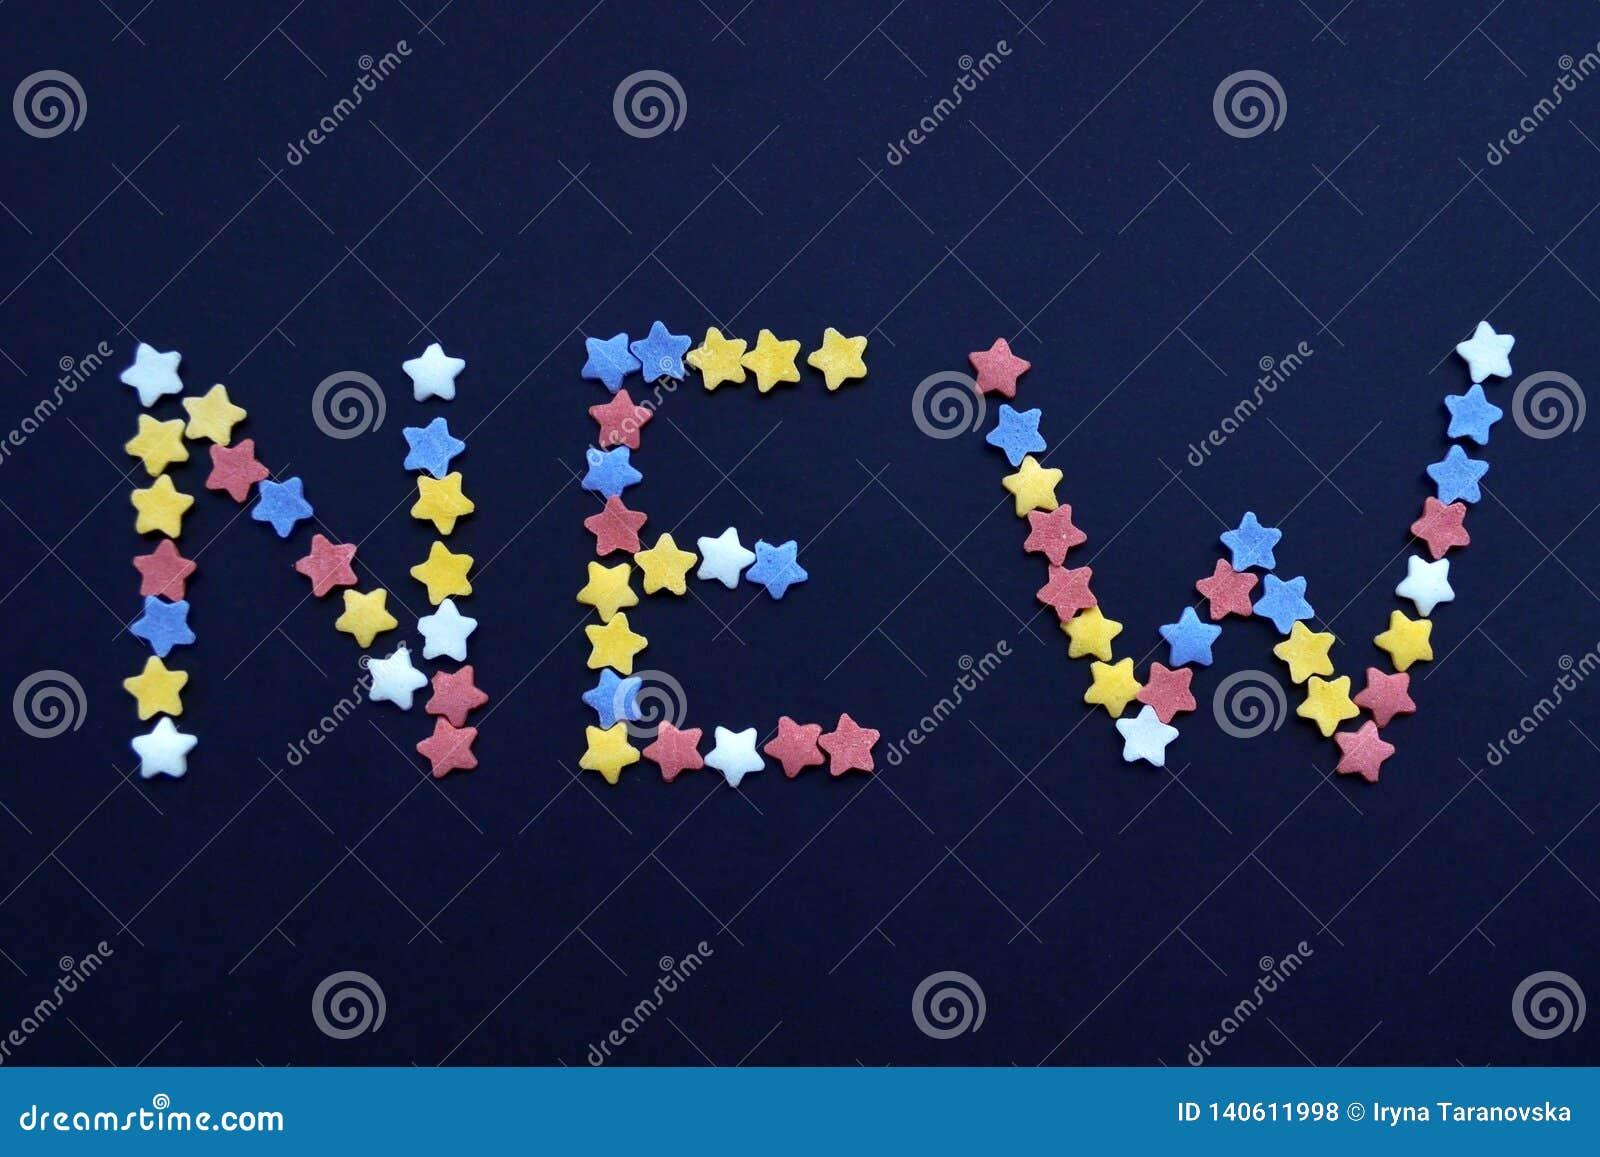 Η λέξη νέα γράφεται στο λεπτό τύπο αστεριών ζύμης ζάχαρης σε ένα μπλε υπόβαθρο, για, διαφήμιση, εμπόριο, πωλήσεις